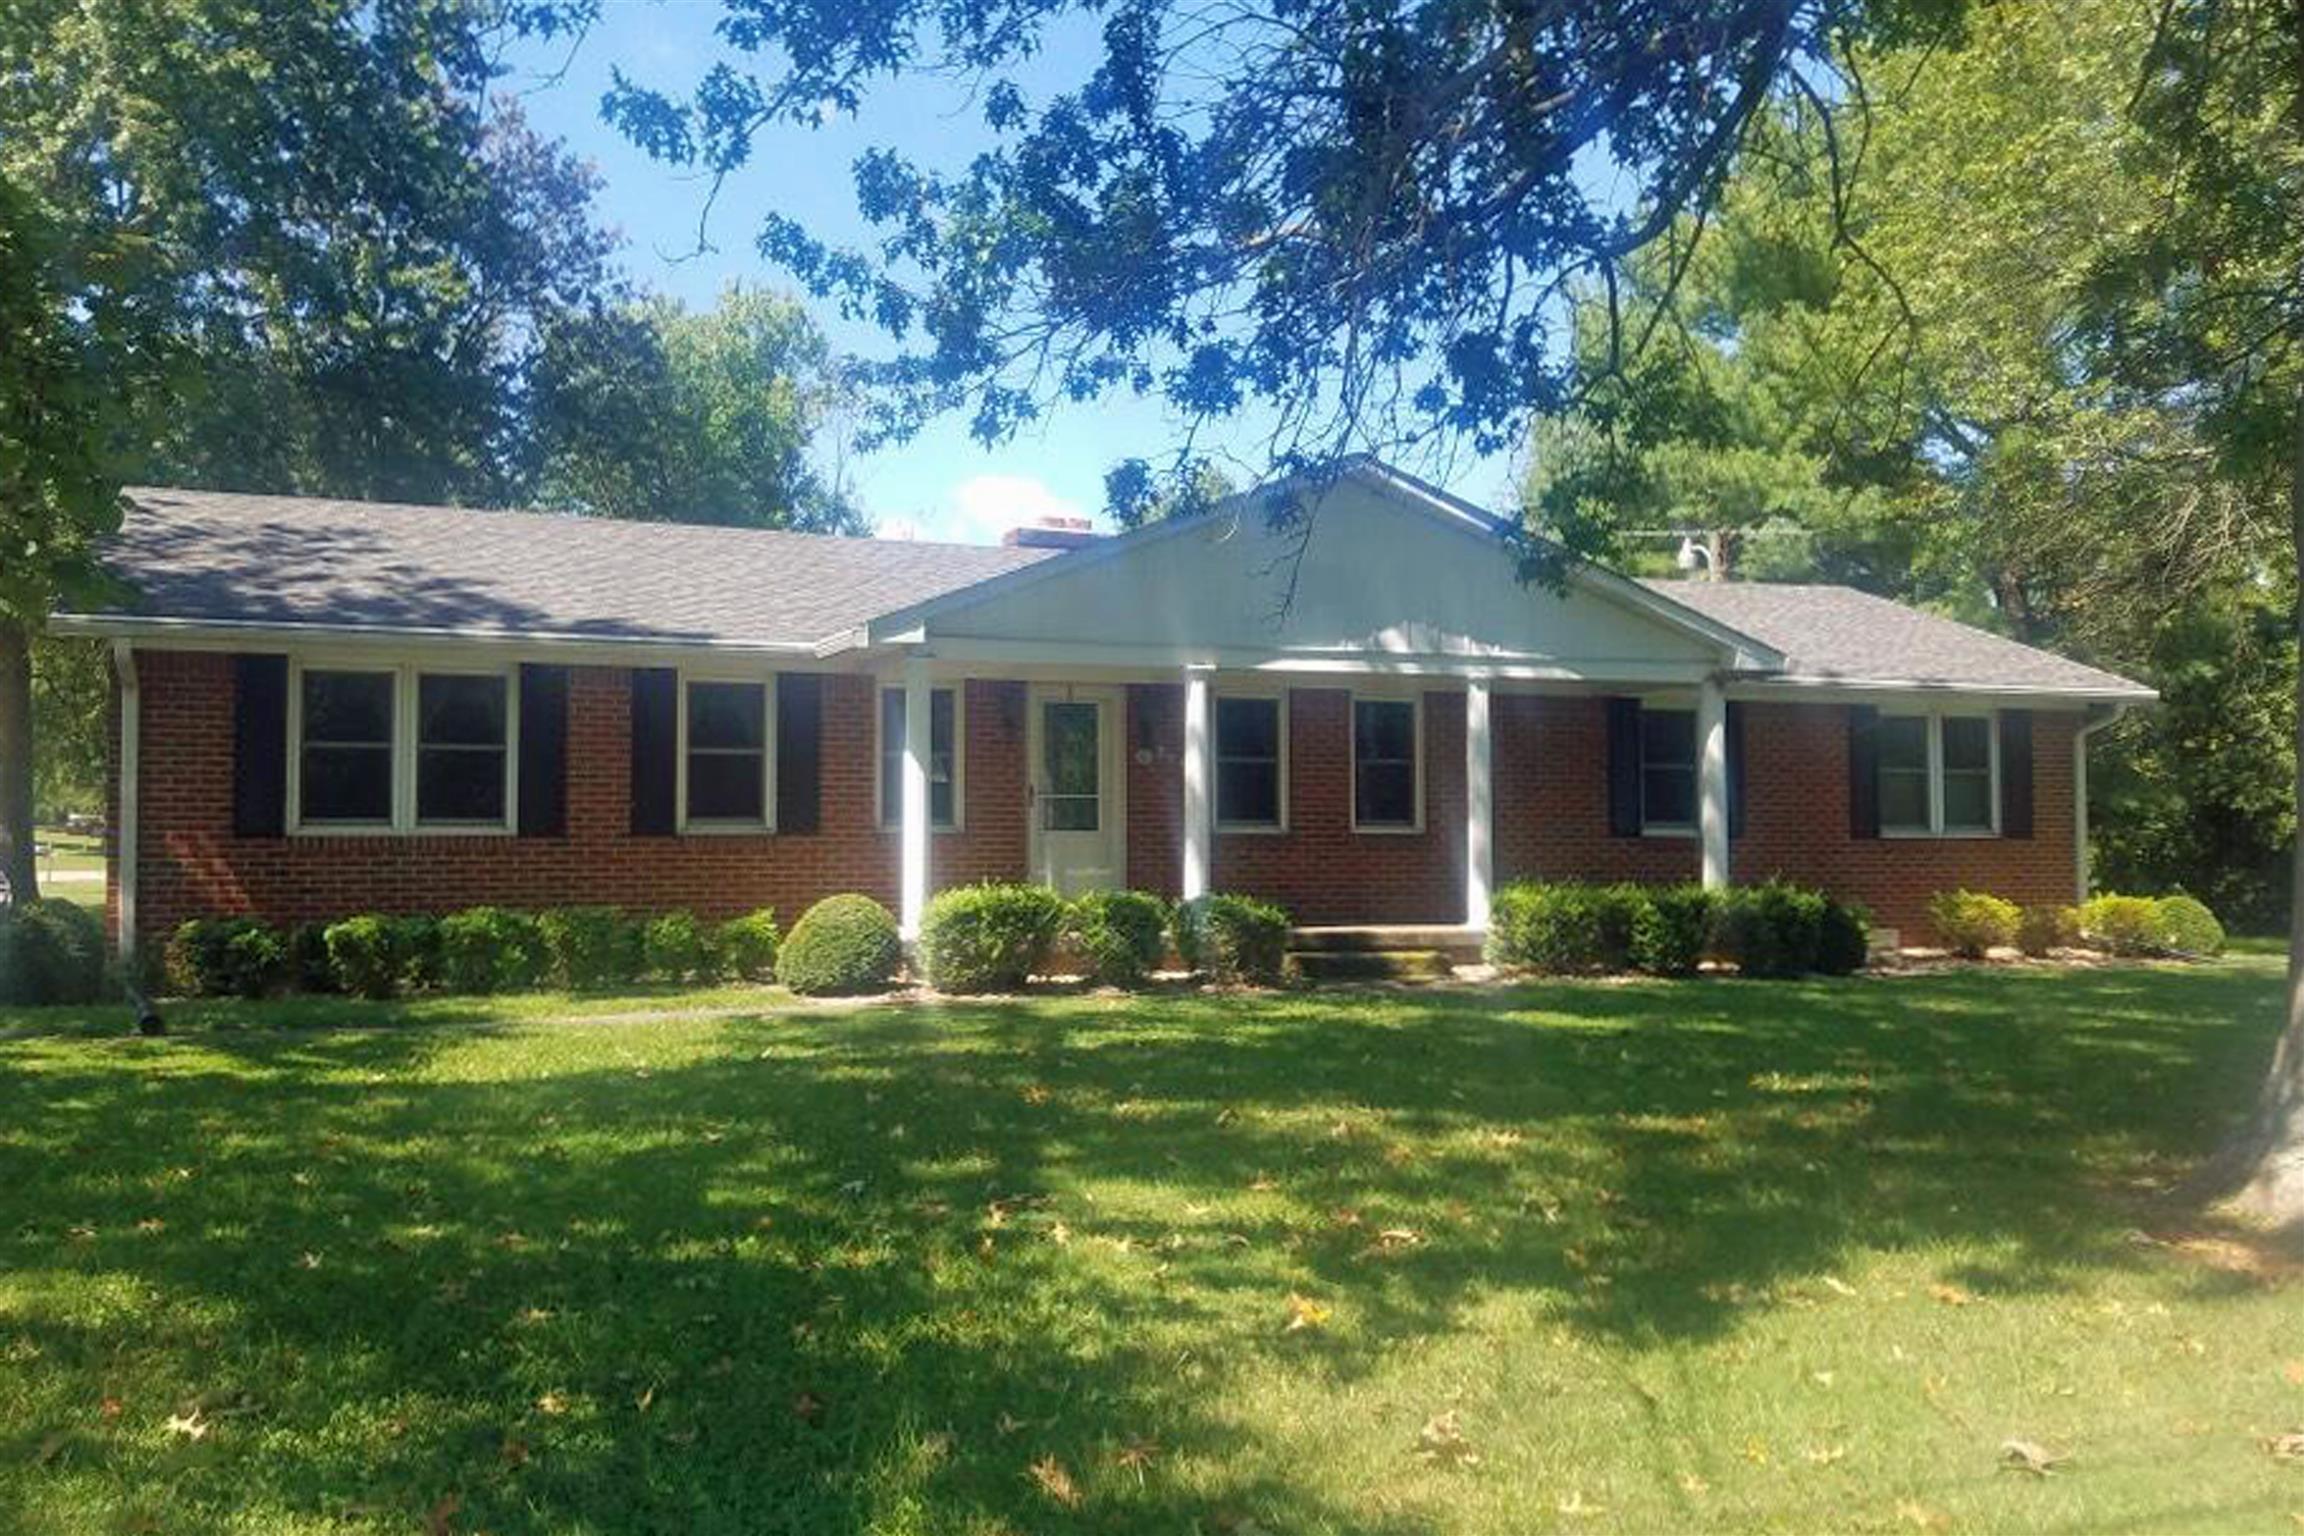 501 Morgantown Road, Franklin, KY 42134 - Franklin, KY real estate listing